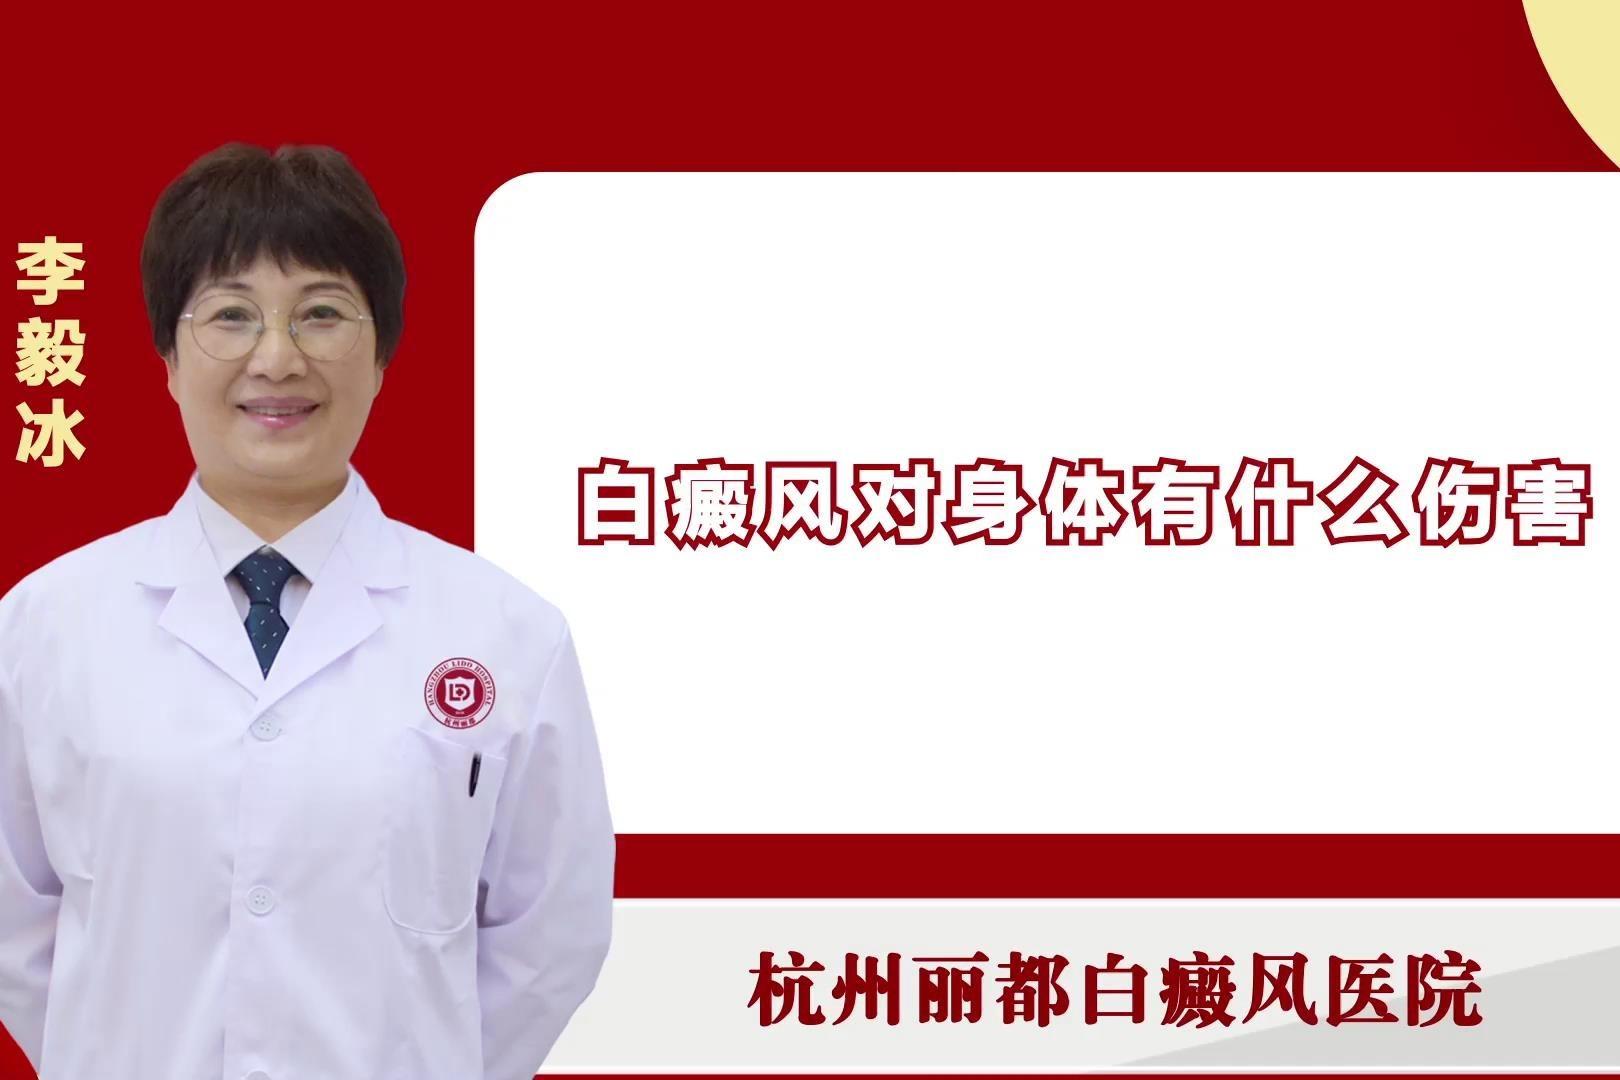 白癜风对身体有什么伤害?听听杭州丽都白癜风医院李毅冰怎么说?